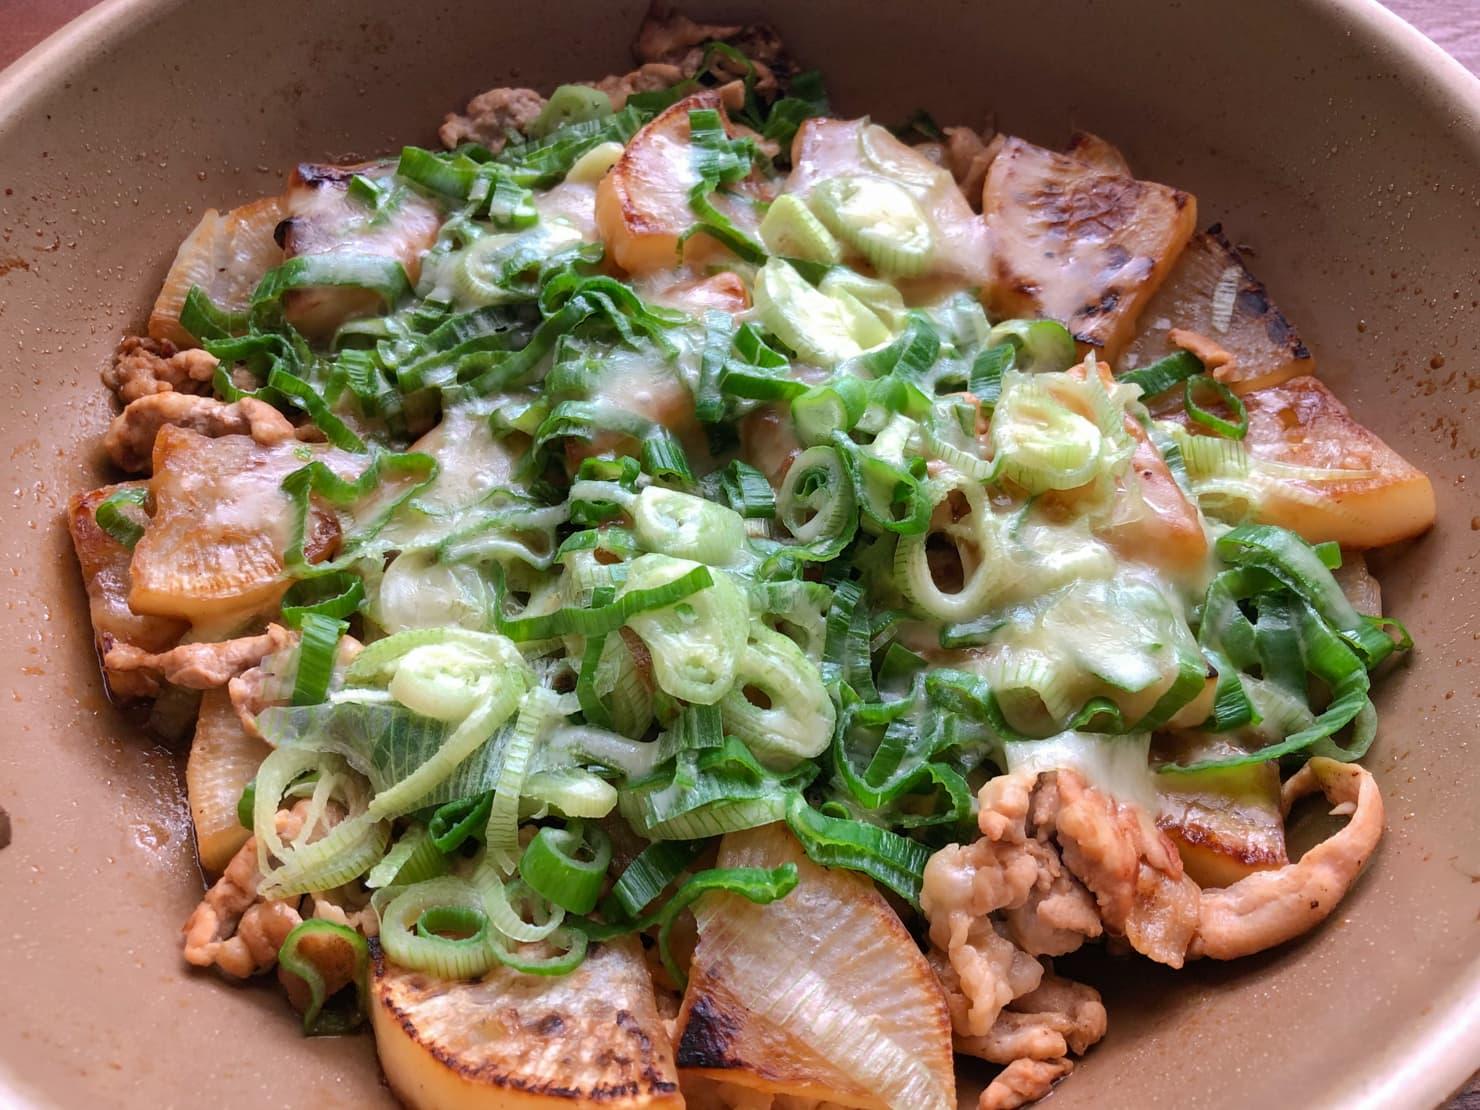 大根と豚肉のチーズ焼き・葉玉ねぎ添えの写真